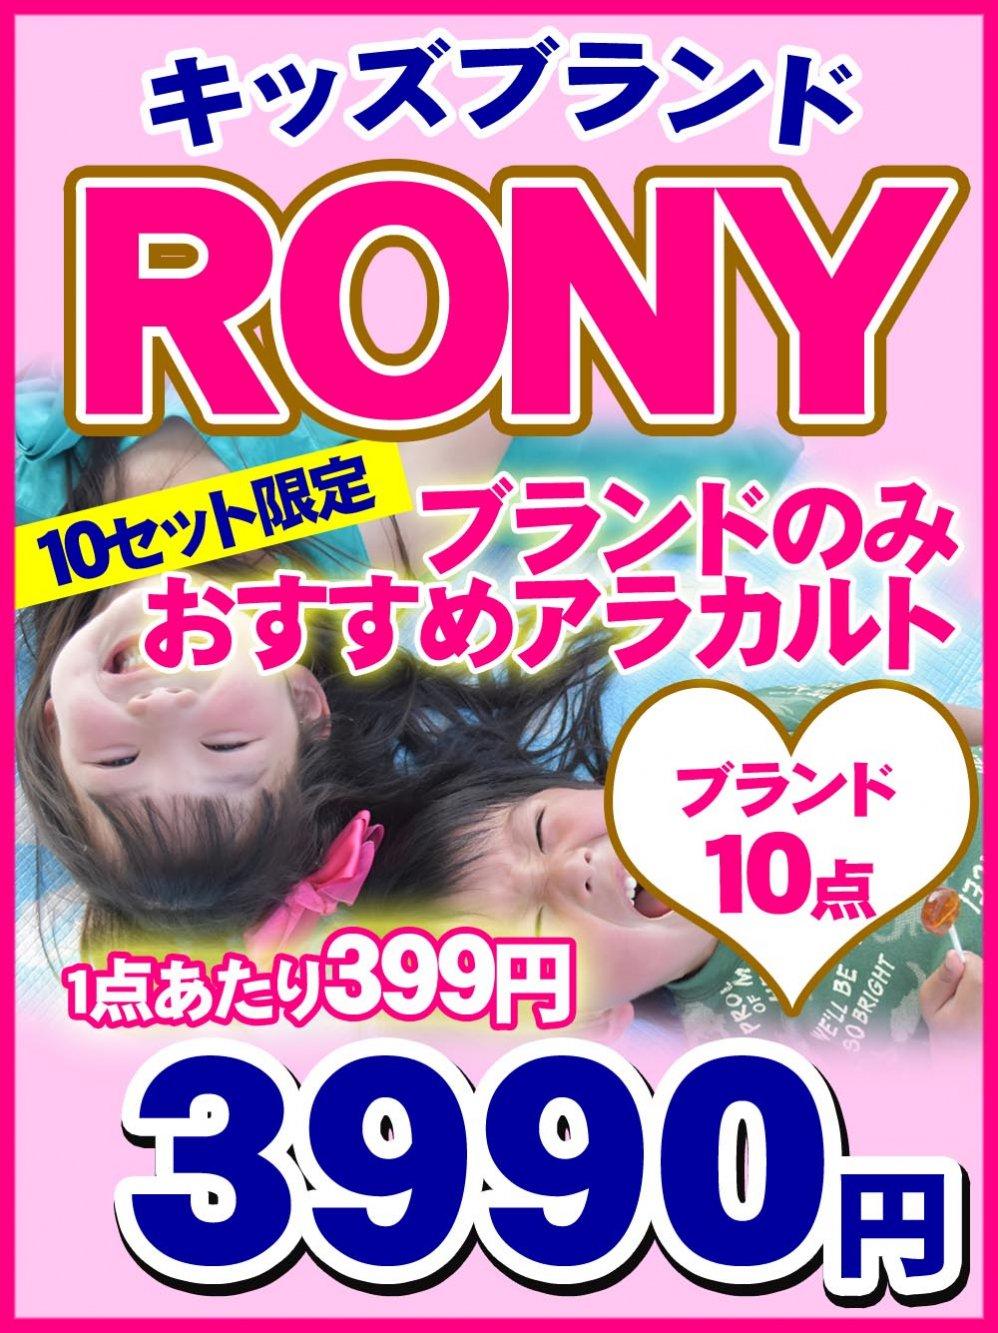 【キッズブランドRONI(ロニィ)】限定10セット!ブランドのみのおすすめアラカルト【10点】@399